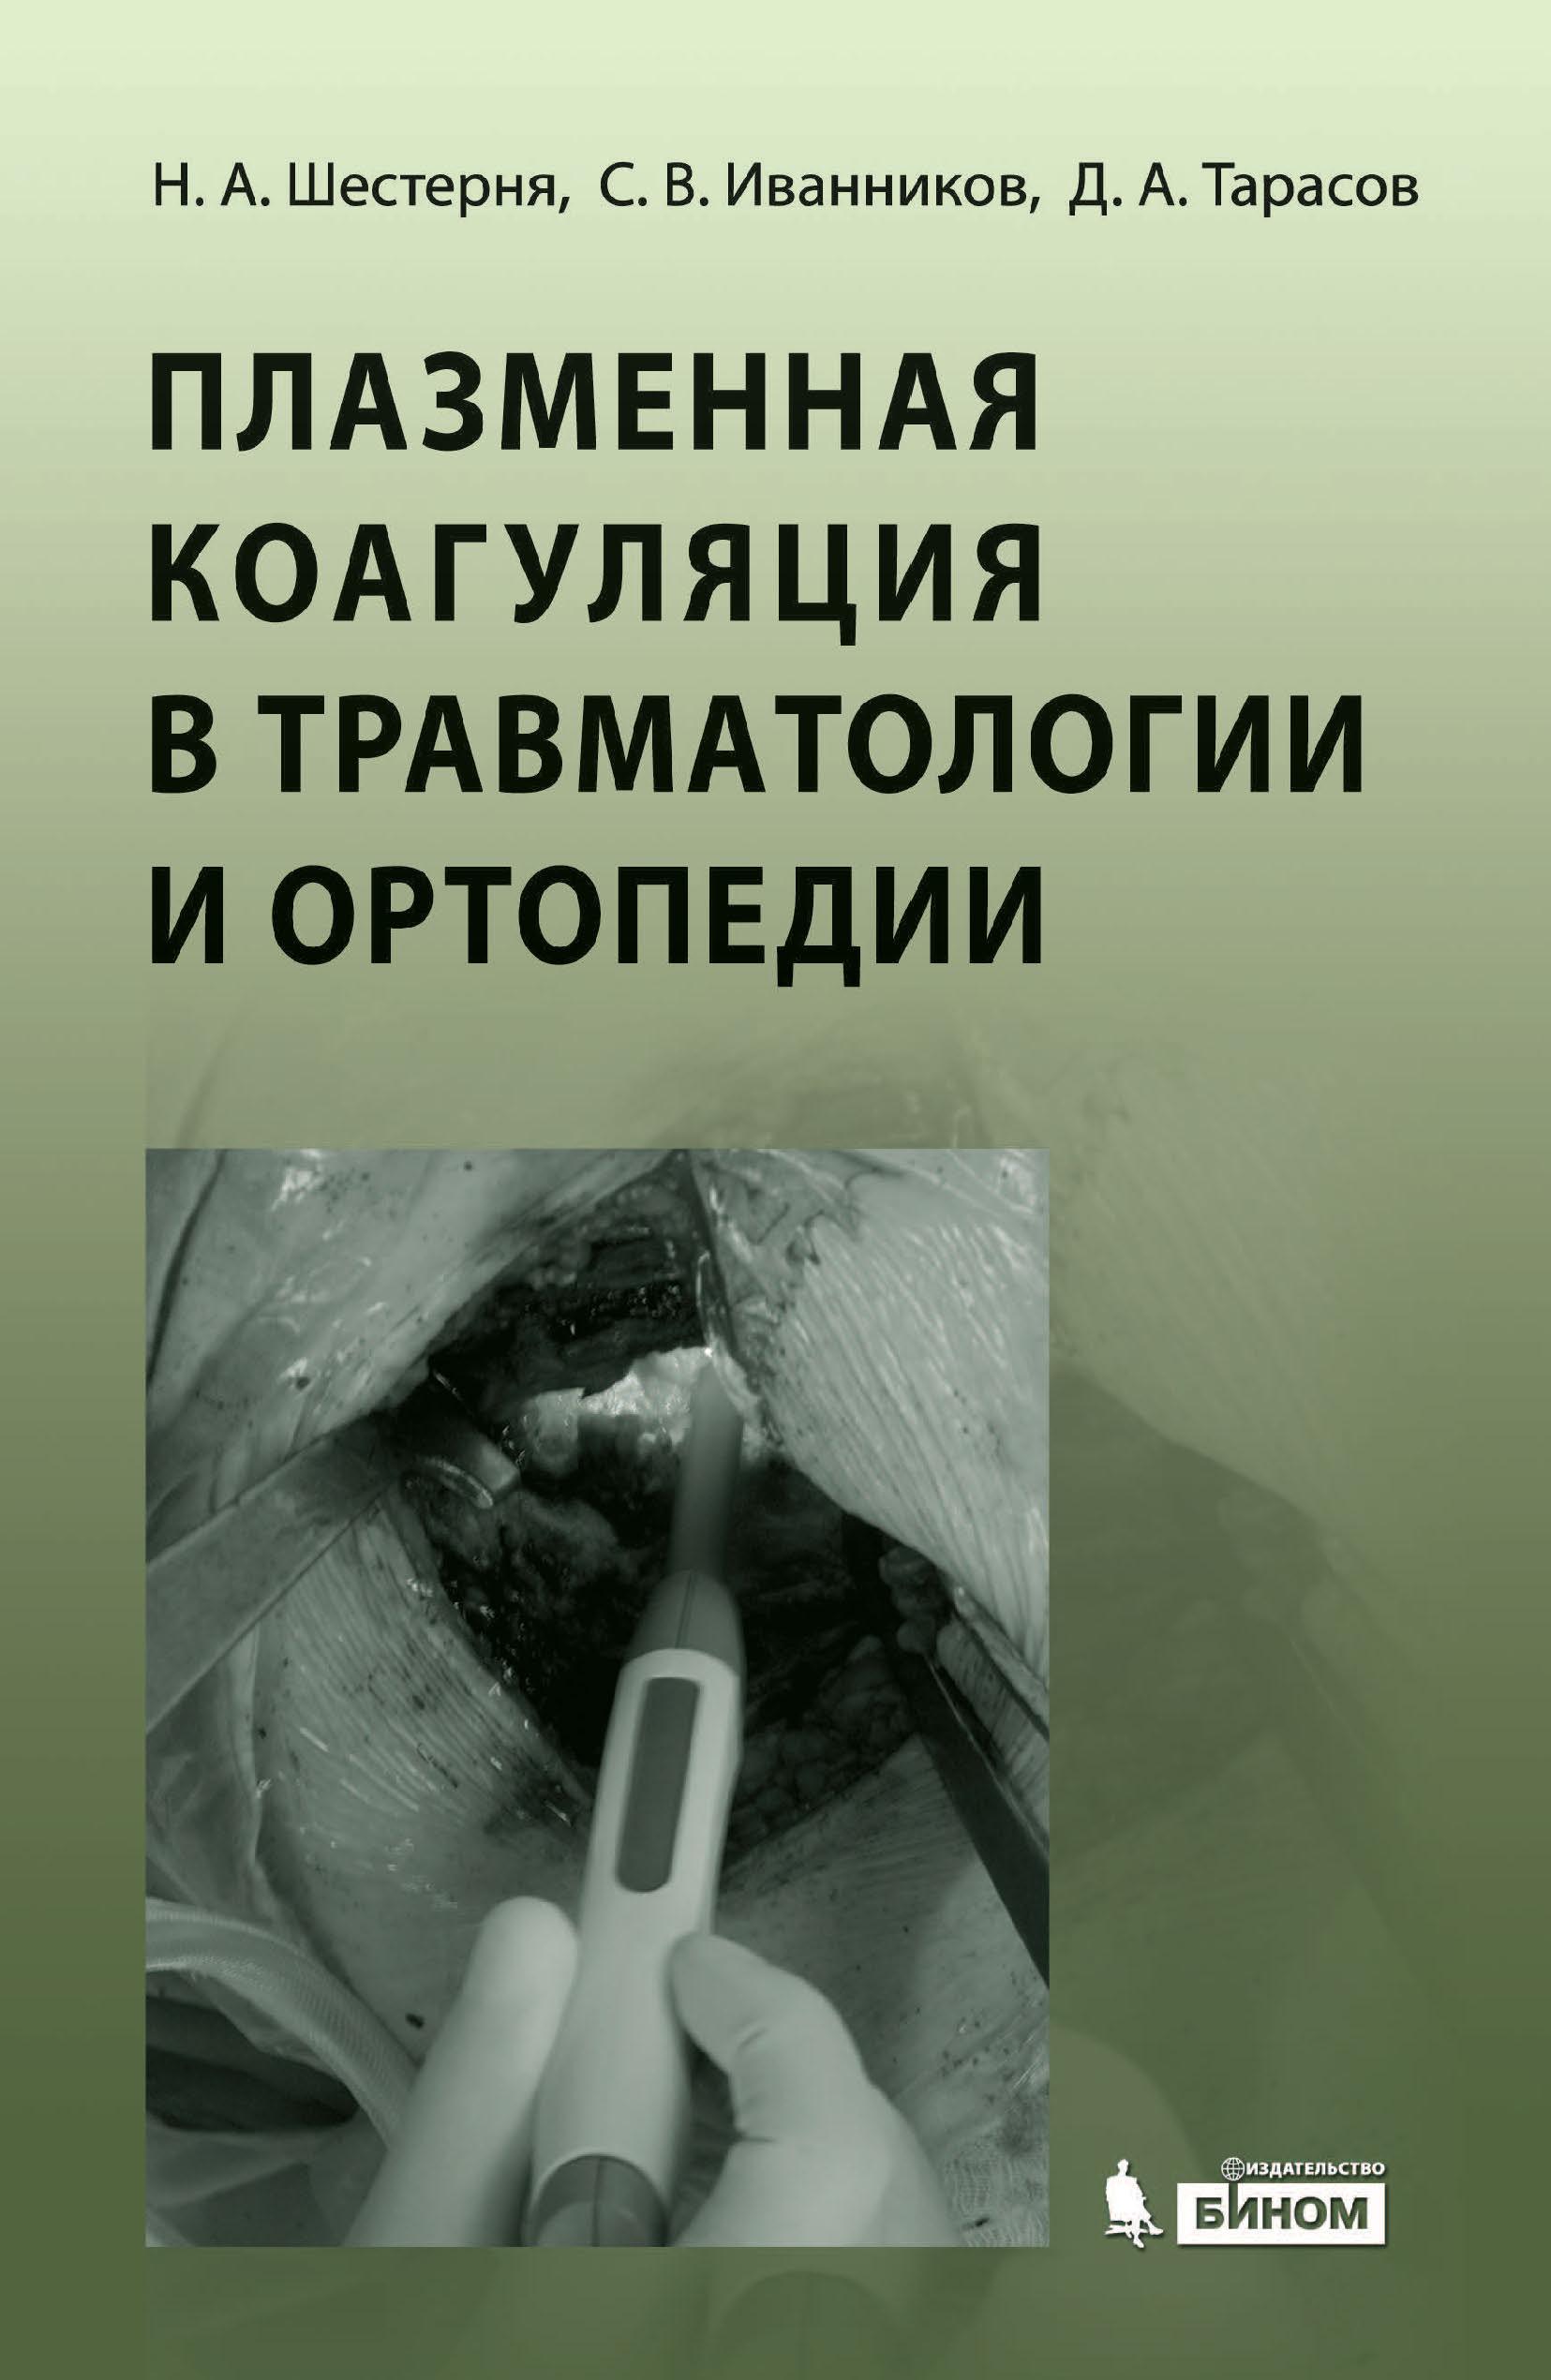 Н. А. Шестерня Плазменная коагуляция в травматологии и ортопедии в д чаклин основы оперативной ортопедии и травматологии